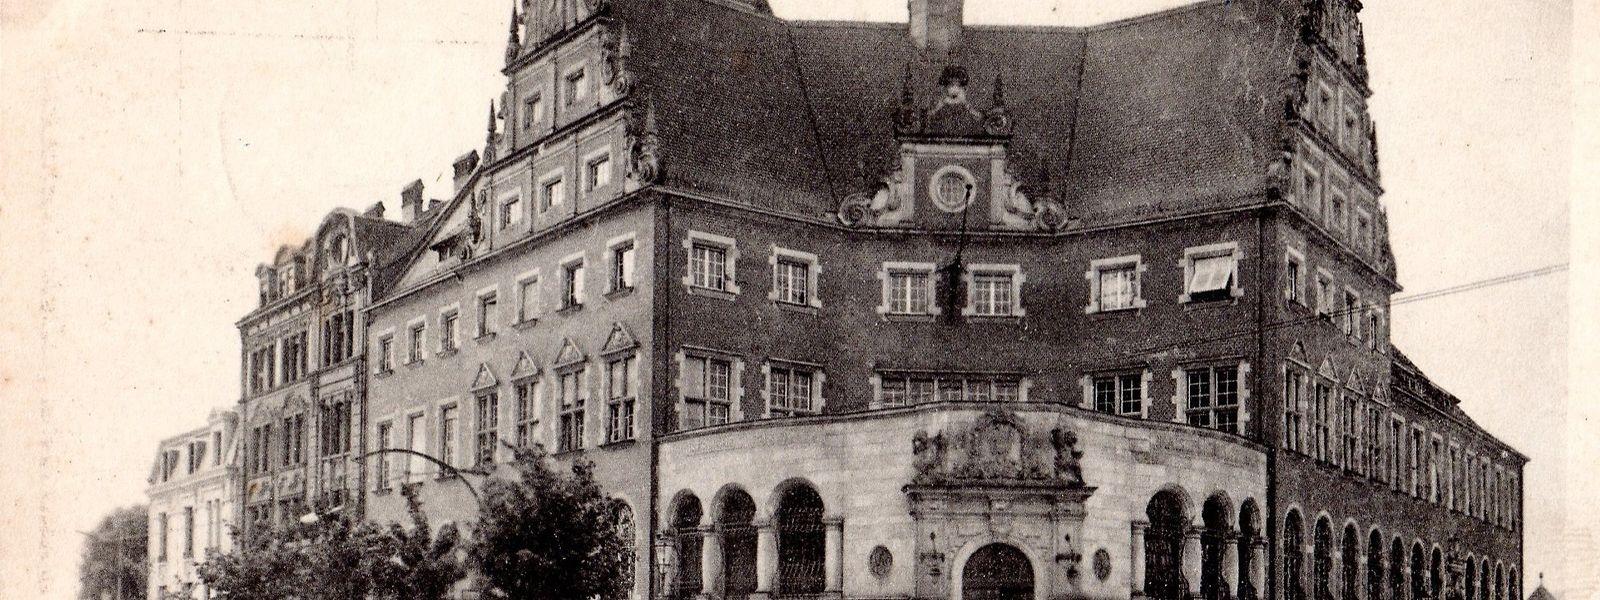 Ouvert en 1907, le bâtiment de La Poste va bientôt fermer. Ses services seront transférés dans le centre piétonnier de Thionville.